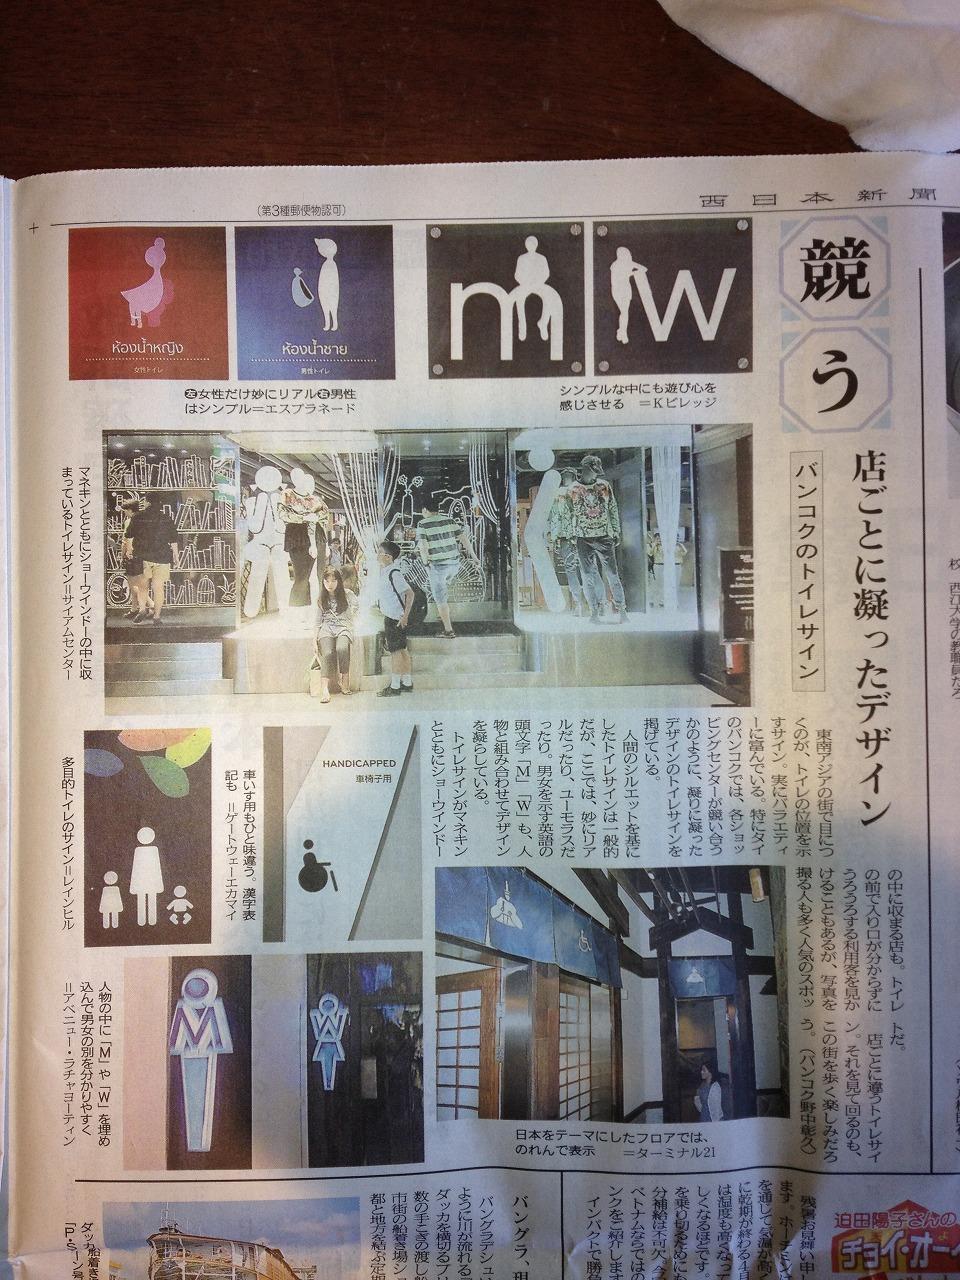 バンコクのトイレサイン 西日本新聞